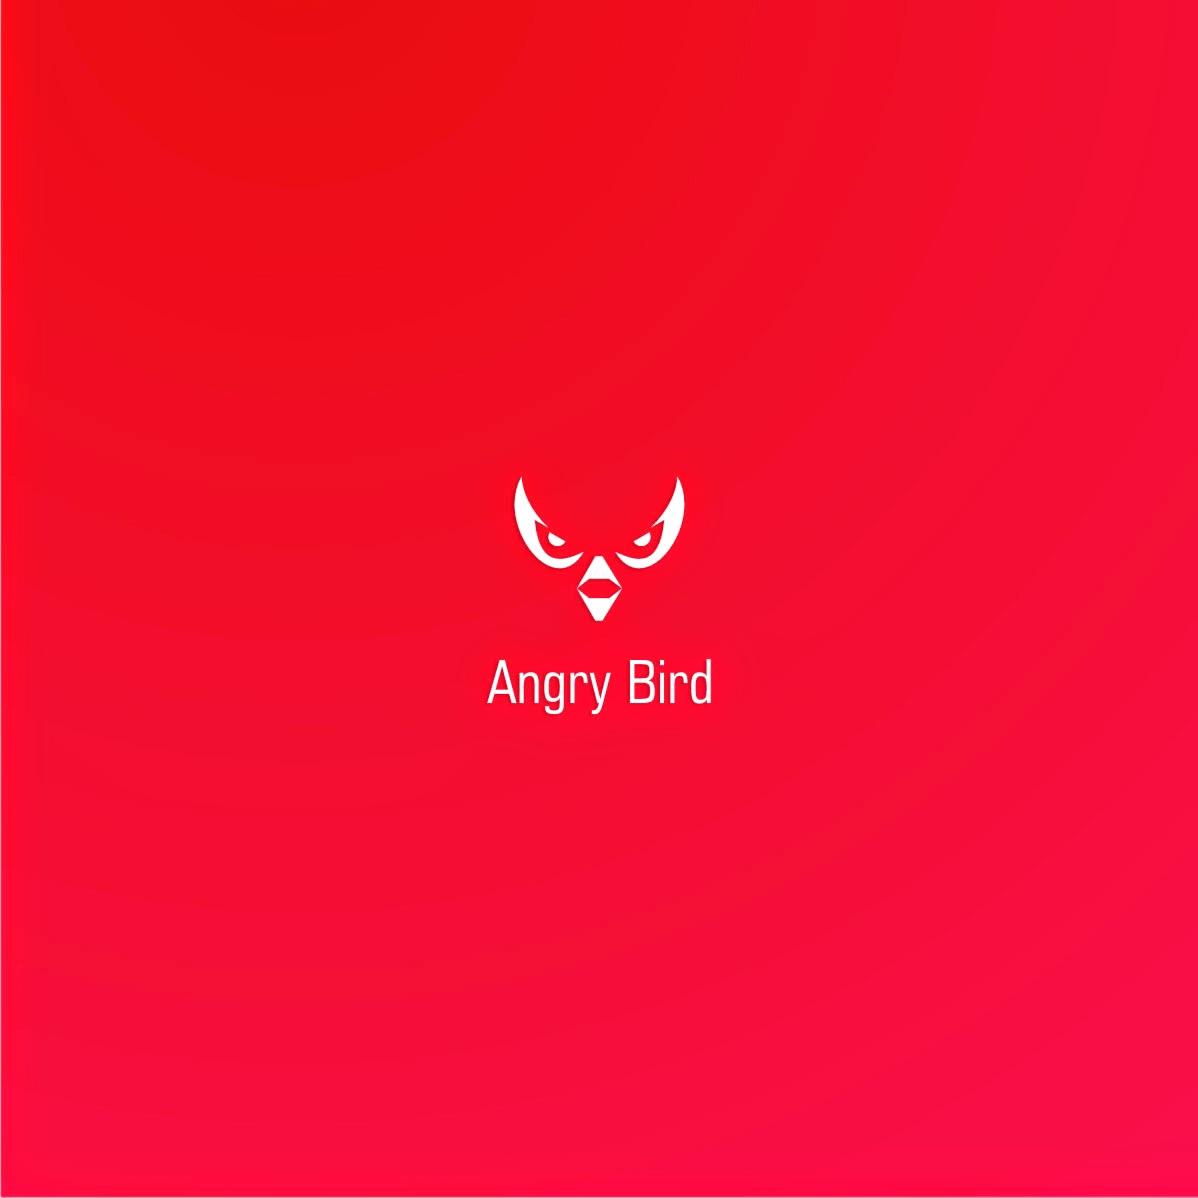 novembre angry bird lensemble - photo #31